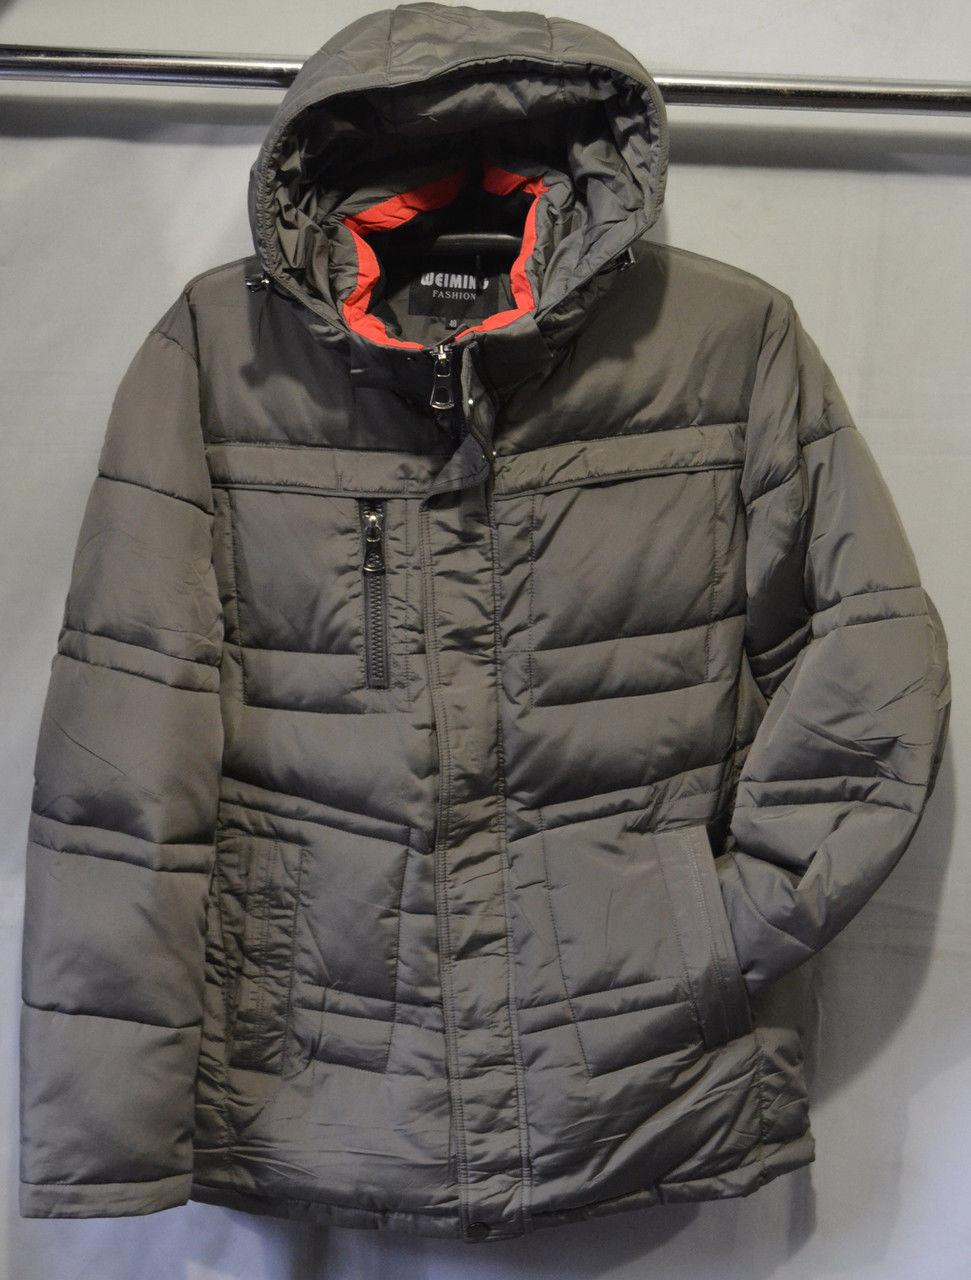 Купить Куртку Мужскую На 7 Км В Одессе